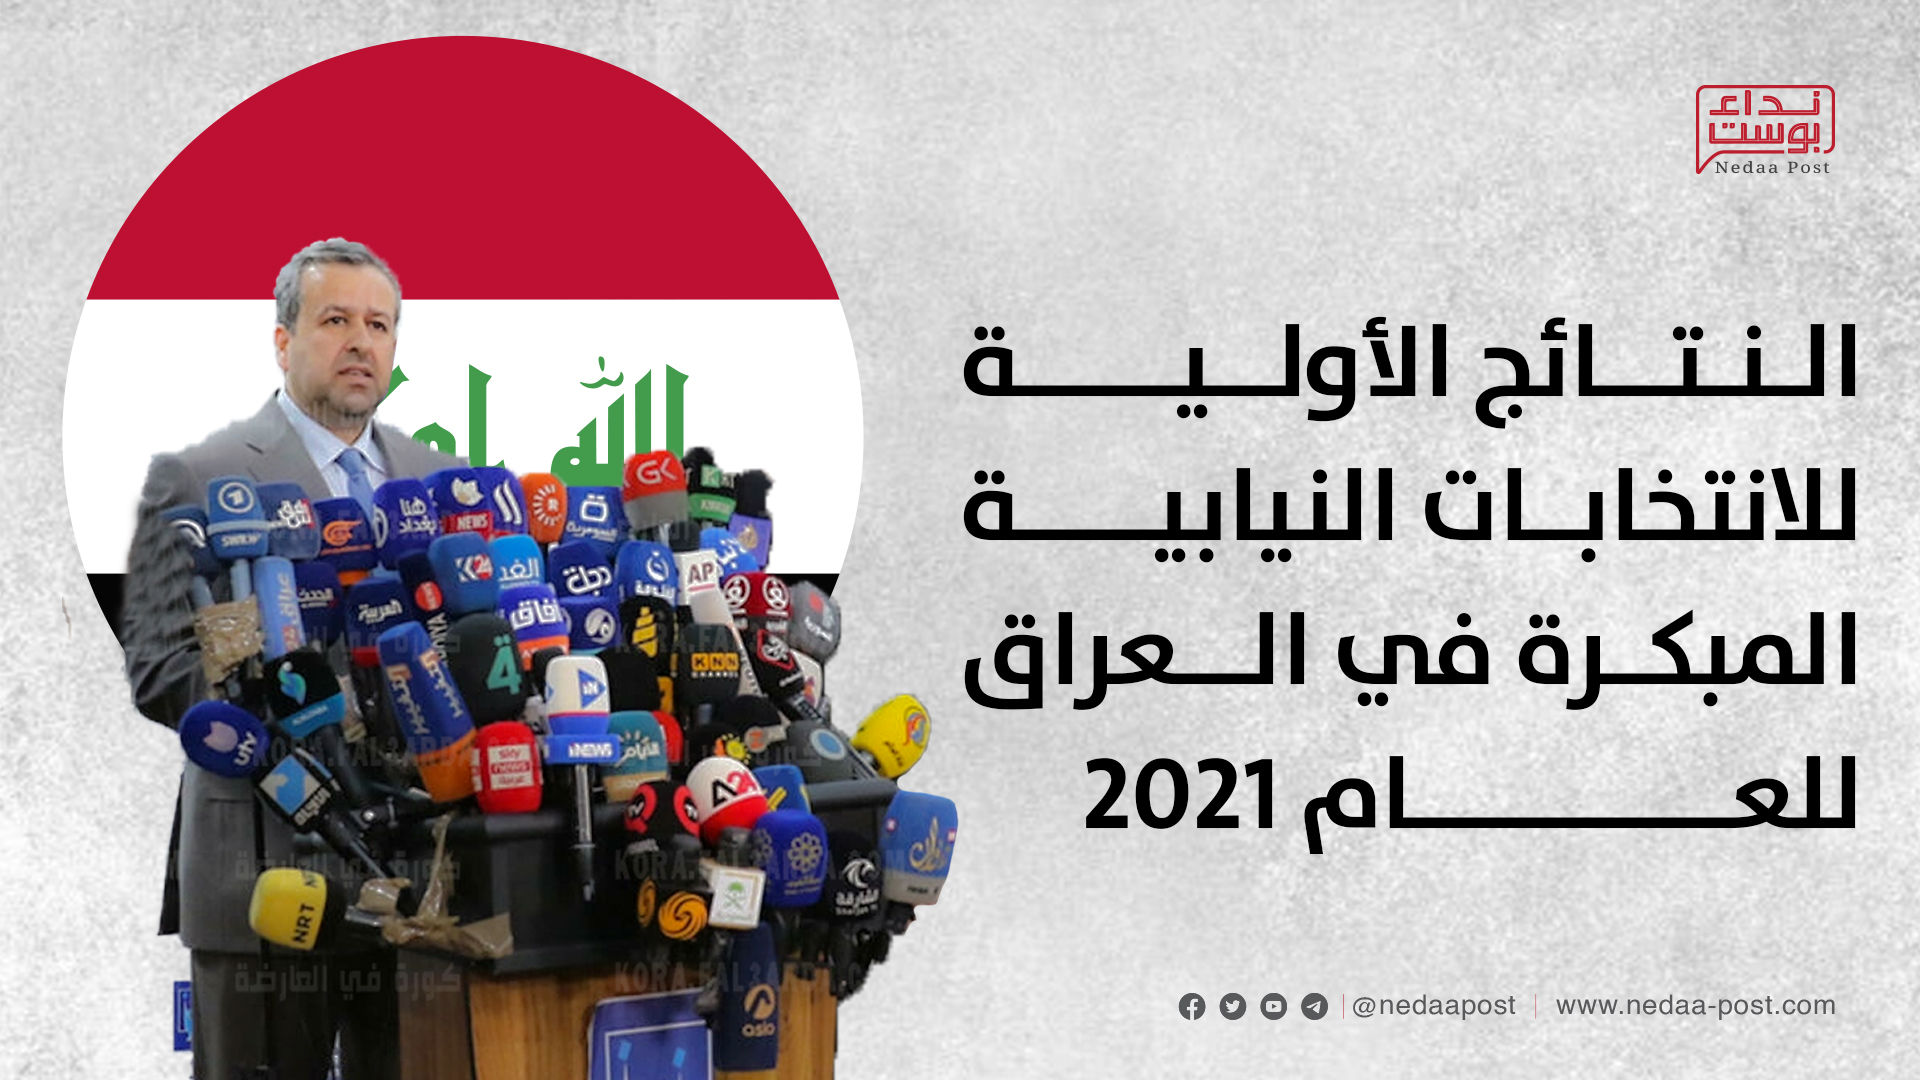 النتائج الأولية للانتخابات النيابية المبكرة في العراق (إنفوغراف)